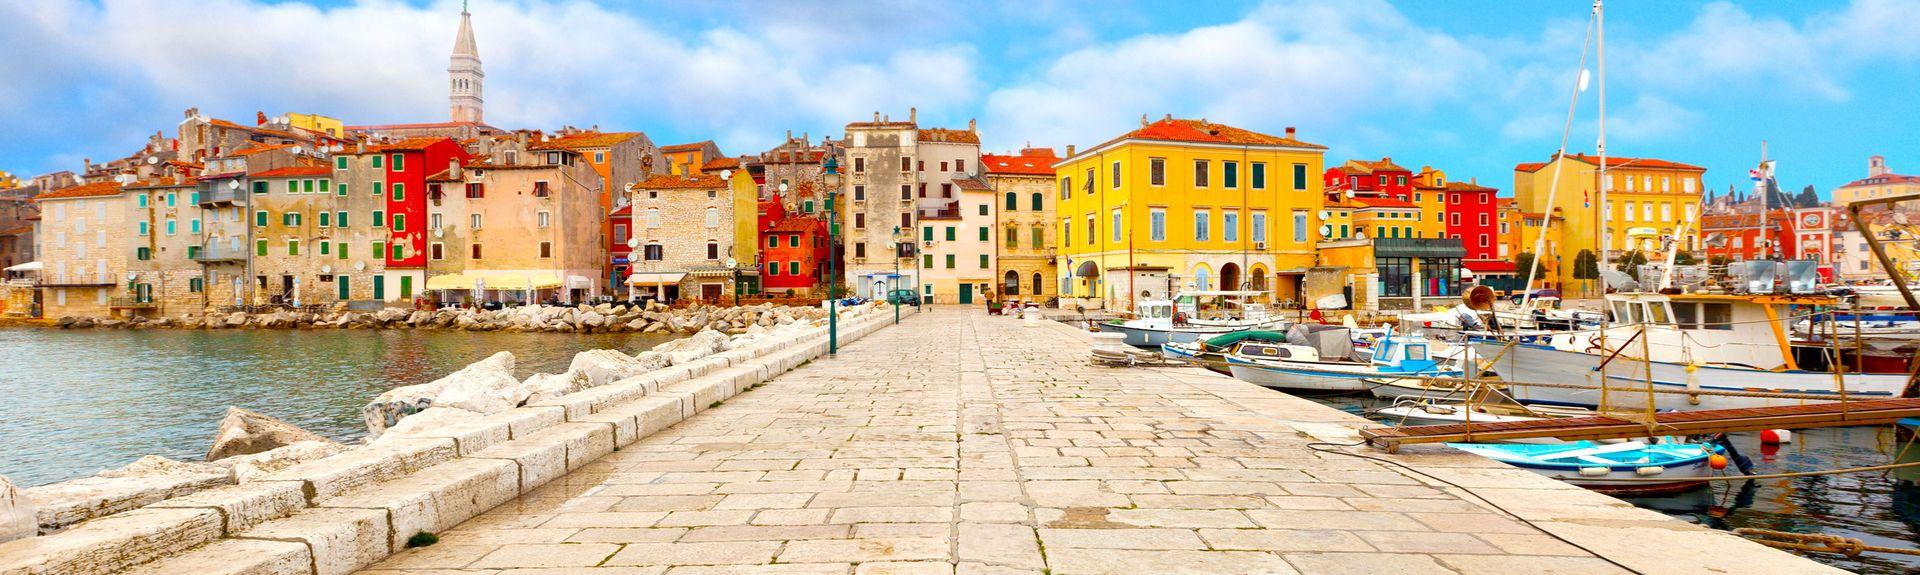 Porec, Istrië (provincie), Kroatië